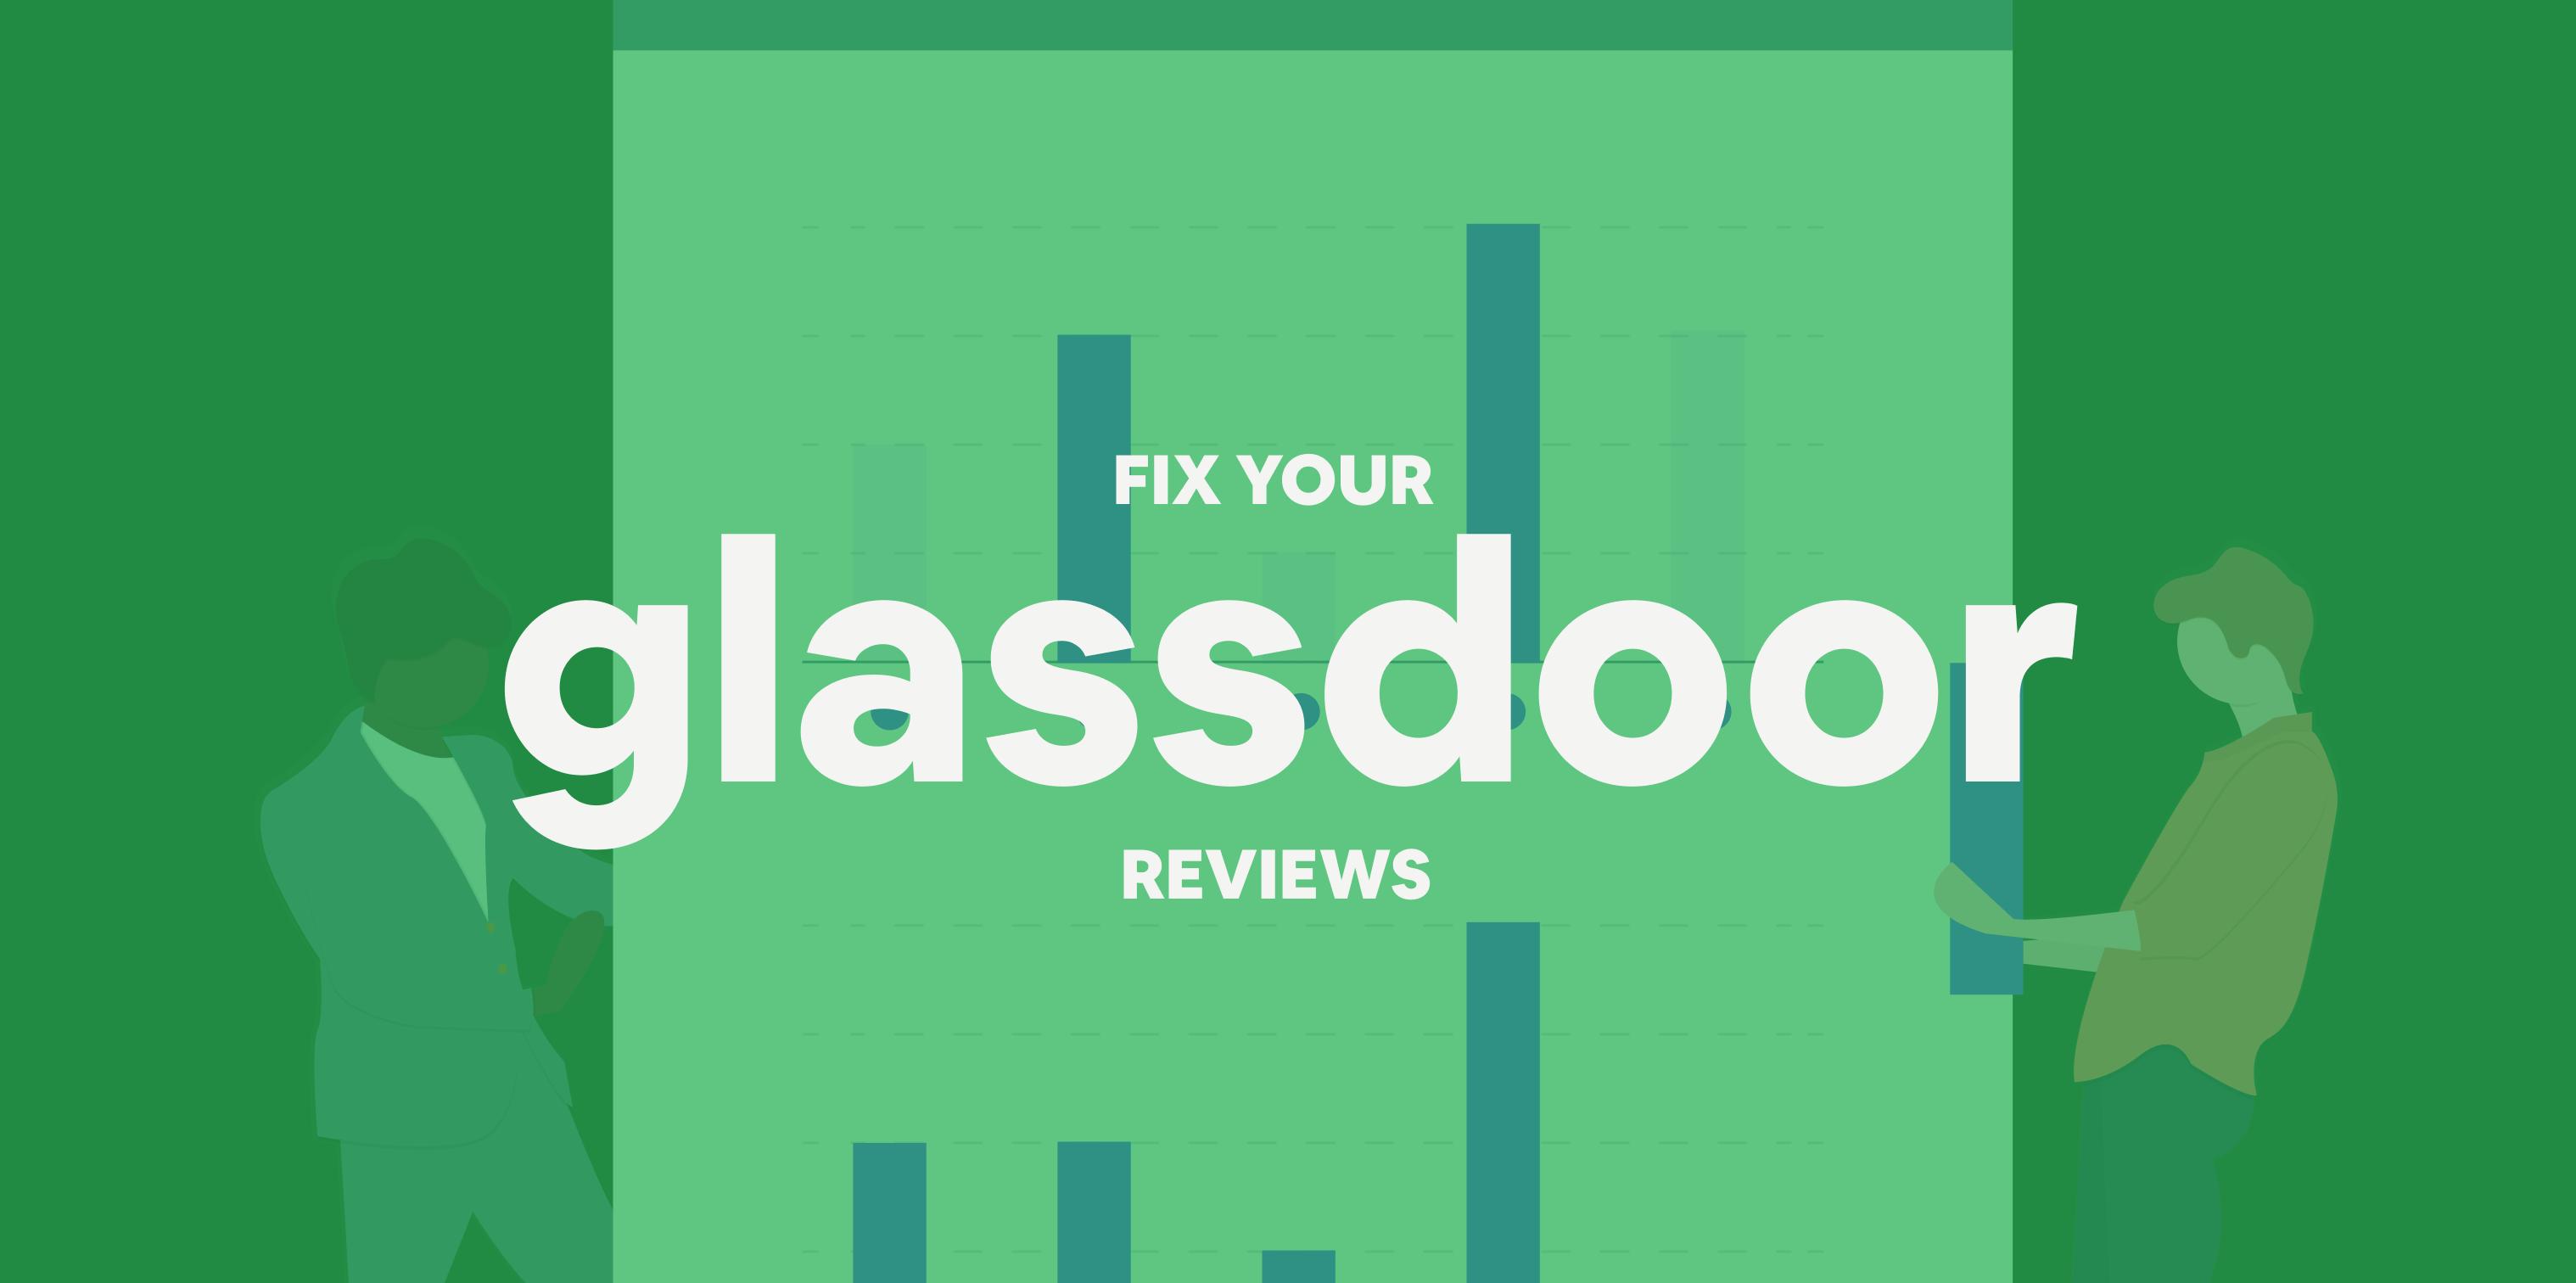 How To Fix Your Glassdoor Cracks Understandbetter